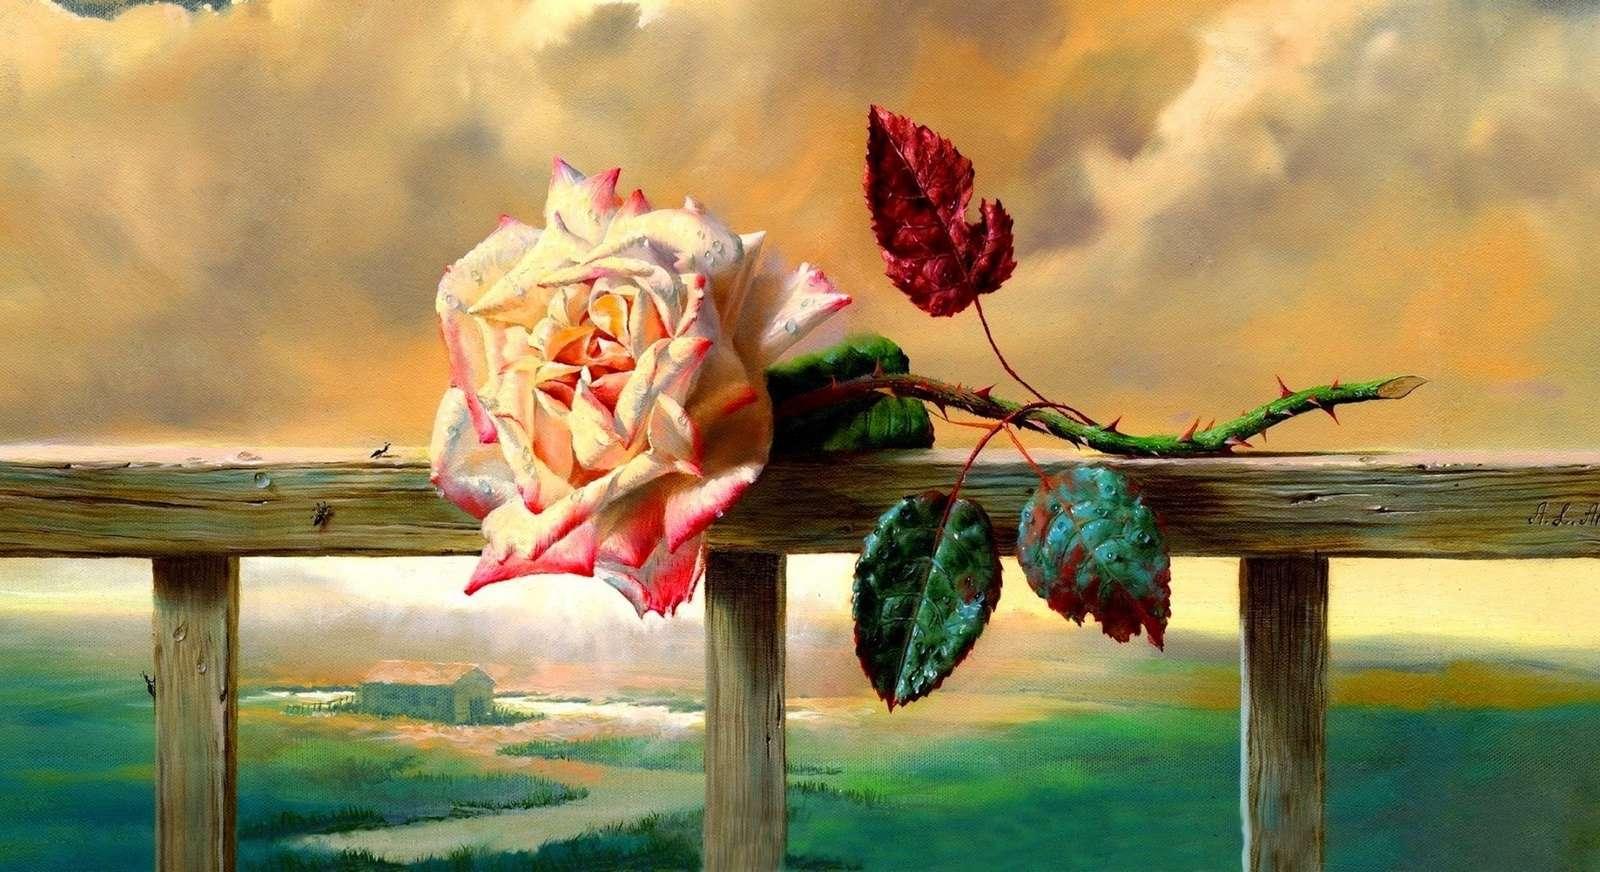 Róża i zachód słońca - Kwiat róży. Kolorowa układanka-puzzle (12×7)